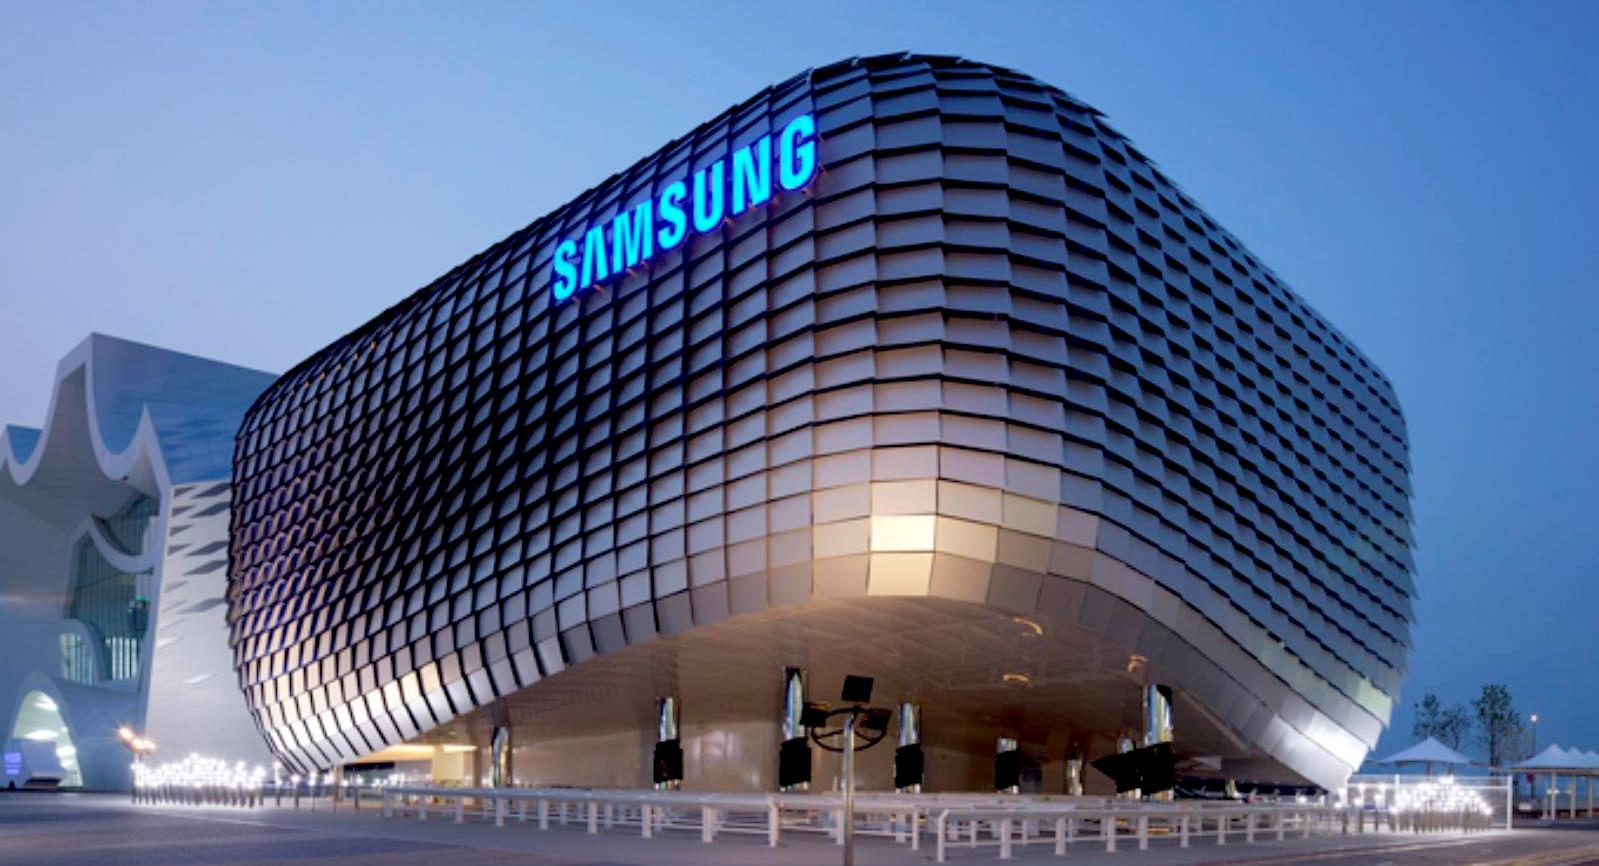 Samsung siódm± najbardziej warto¶ciow± mark± ¶wiata zdaniem Forbes